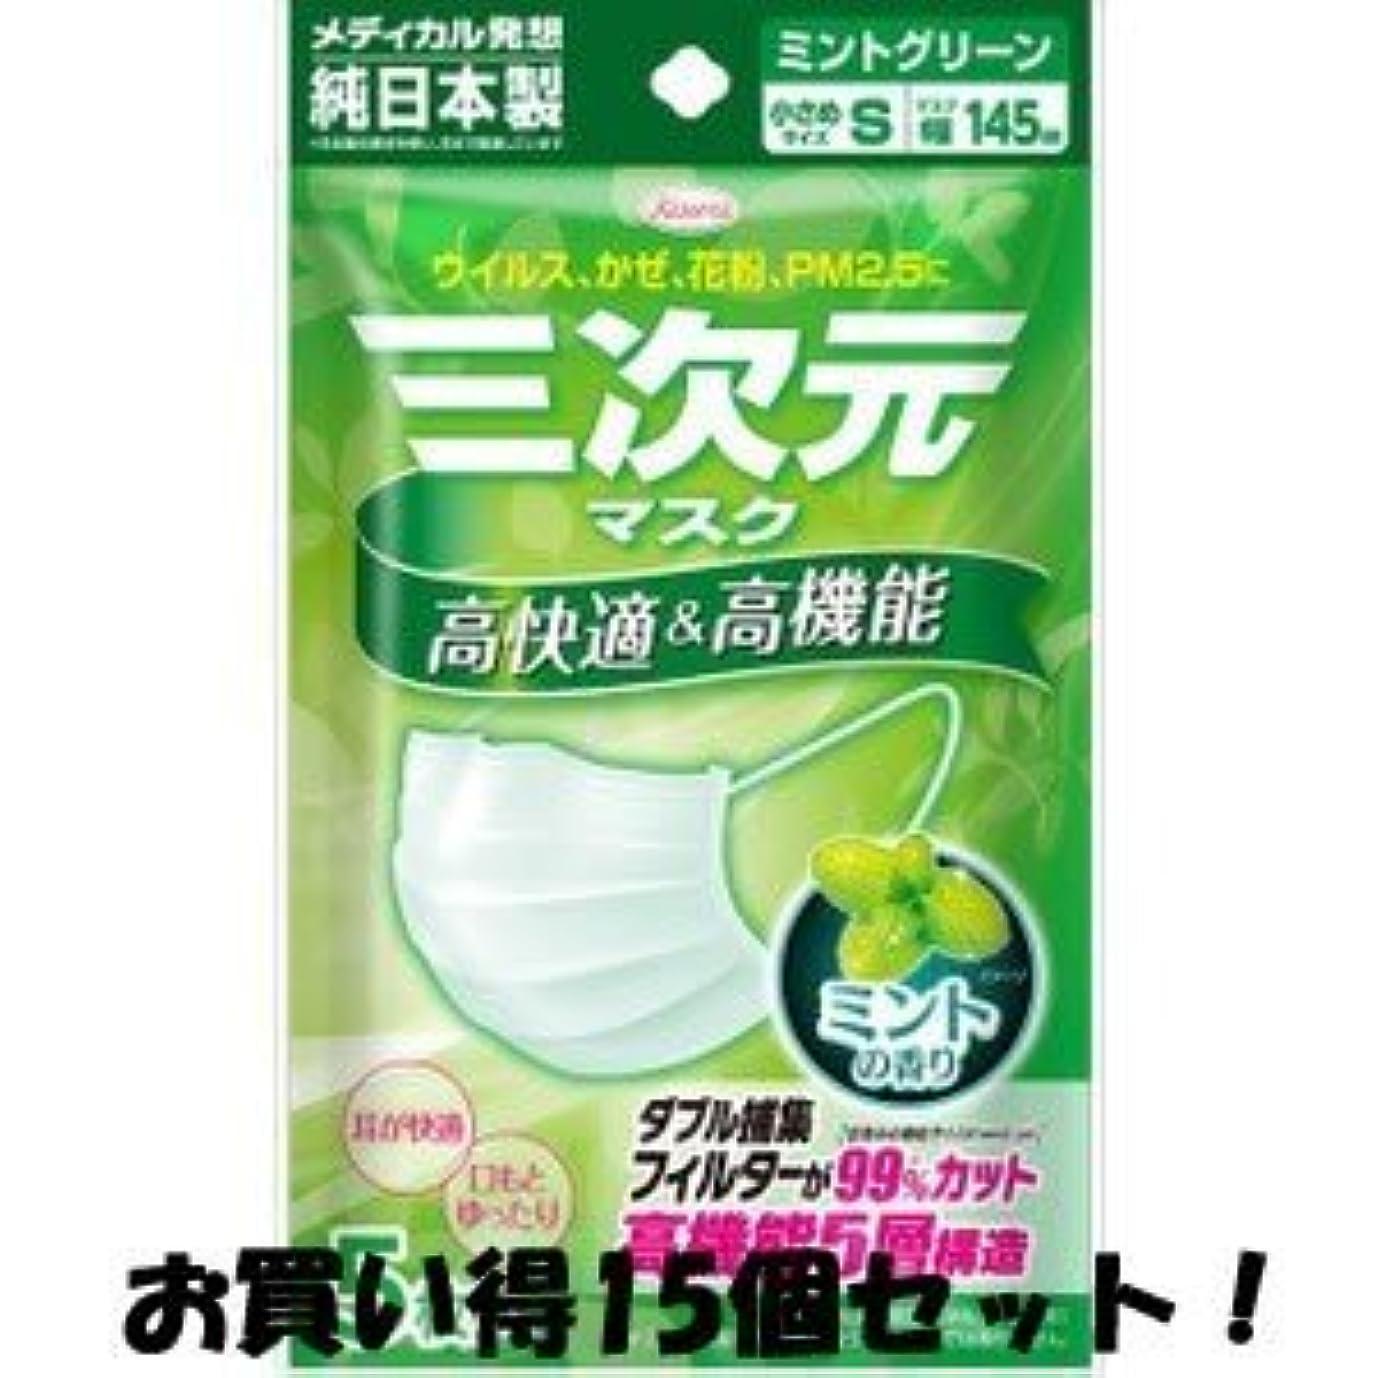 作業冒険家交じる(興和新薬)三次元マスク ミントの香り グリーン 小さめSサイズ 5枚入(お買い得15個セット)